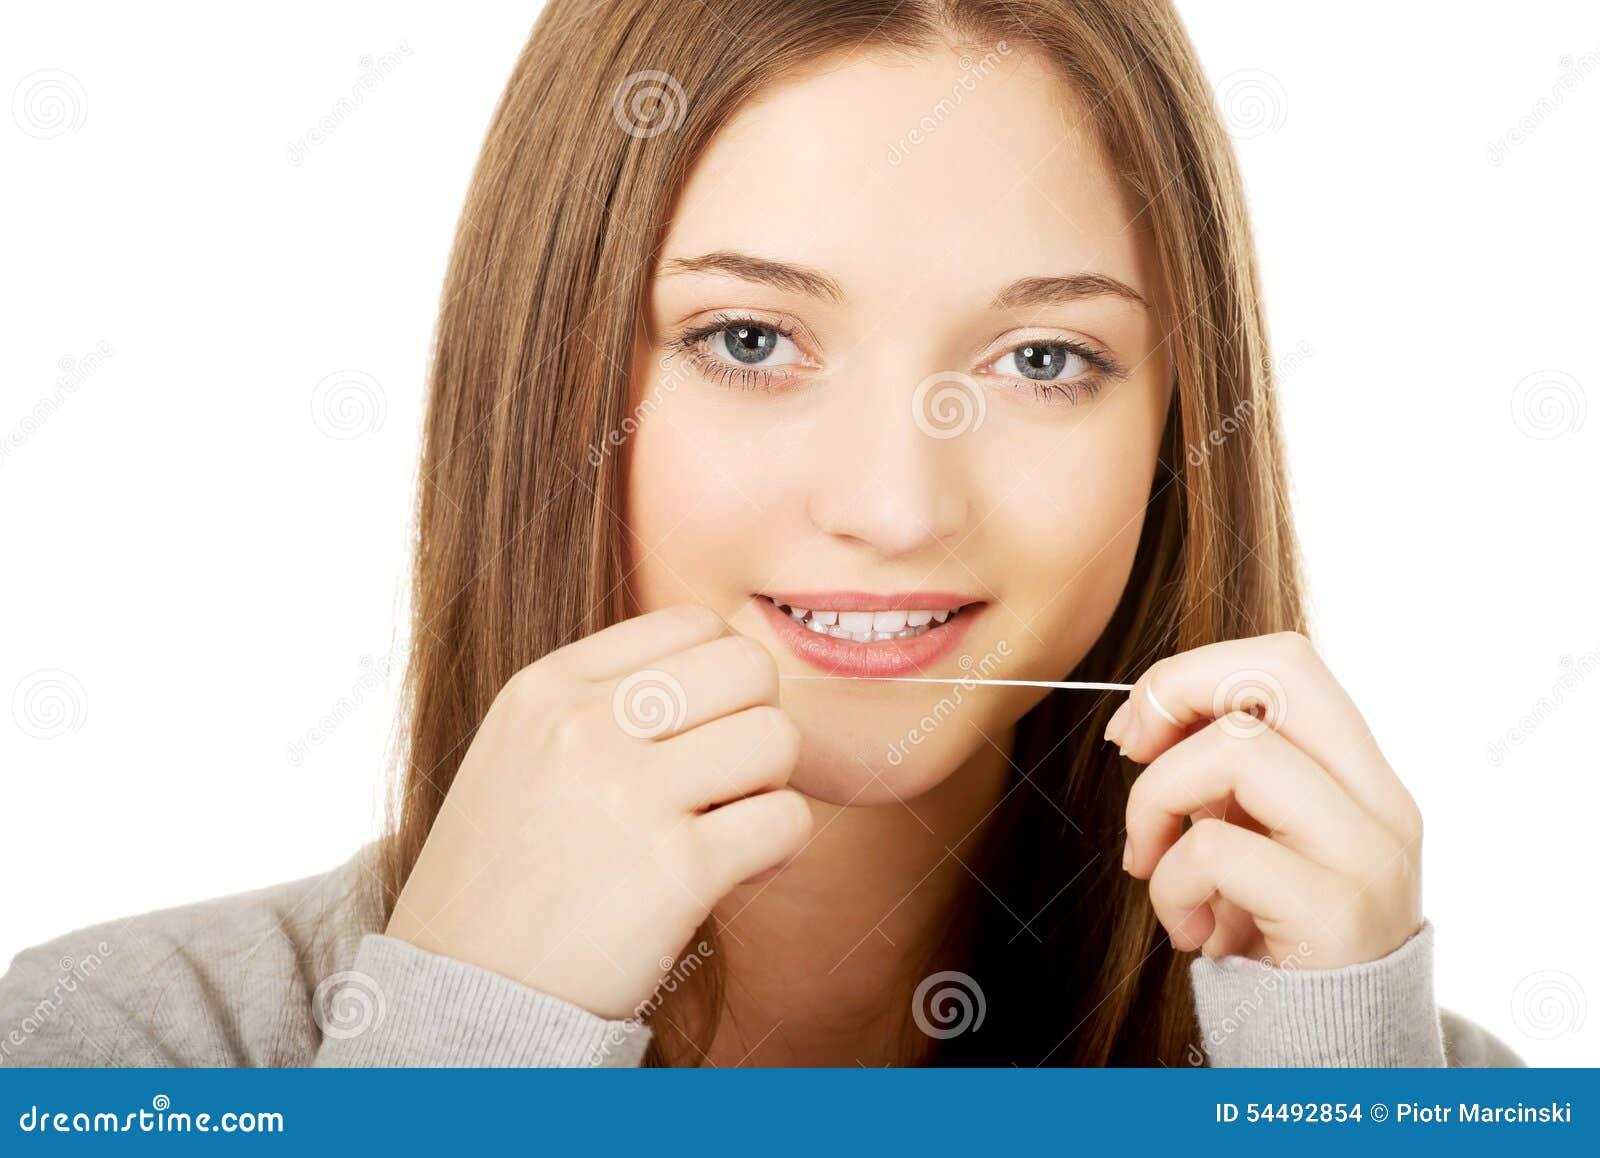 mulheres de fio dental vídeos de sexo grátis